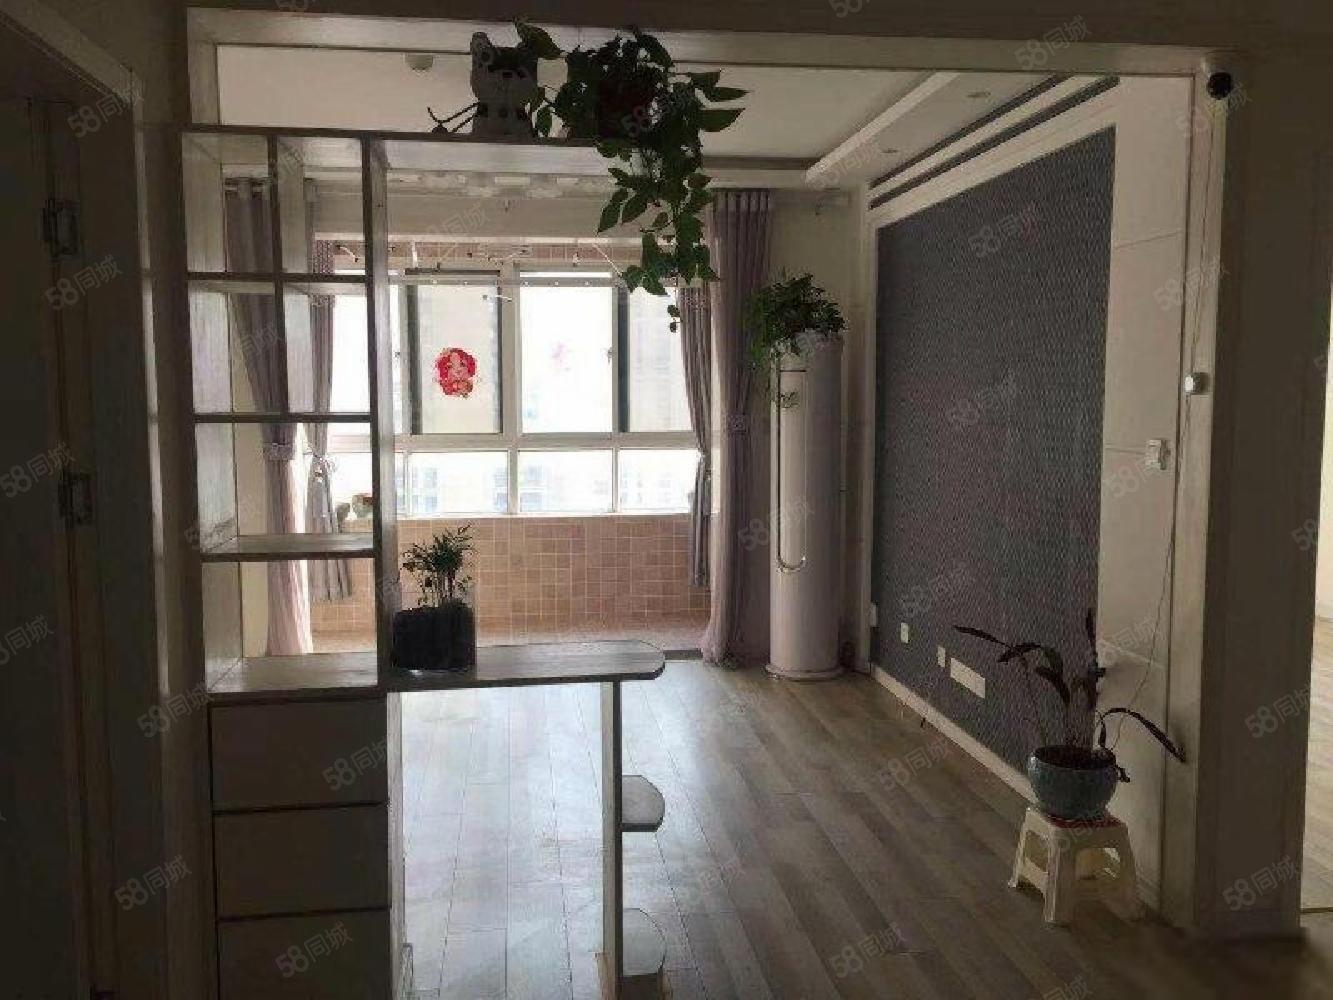 發龙潭路儿童医院旁世纪康城奥林匹克花园婚房未住精装两室